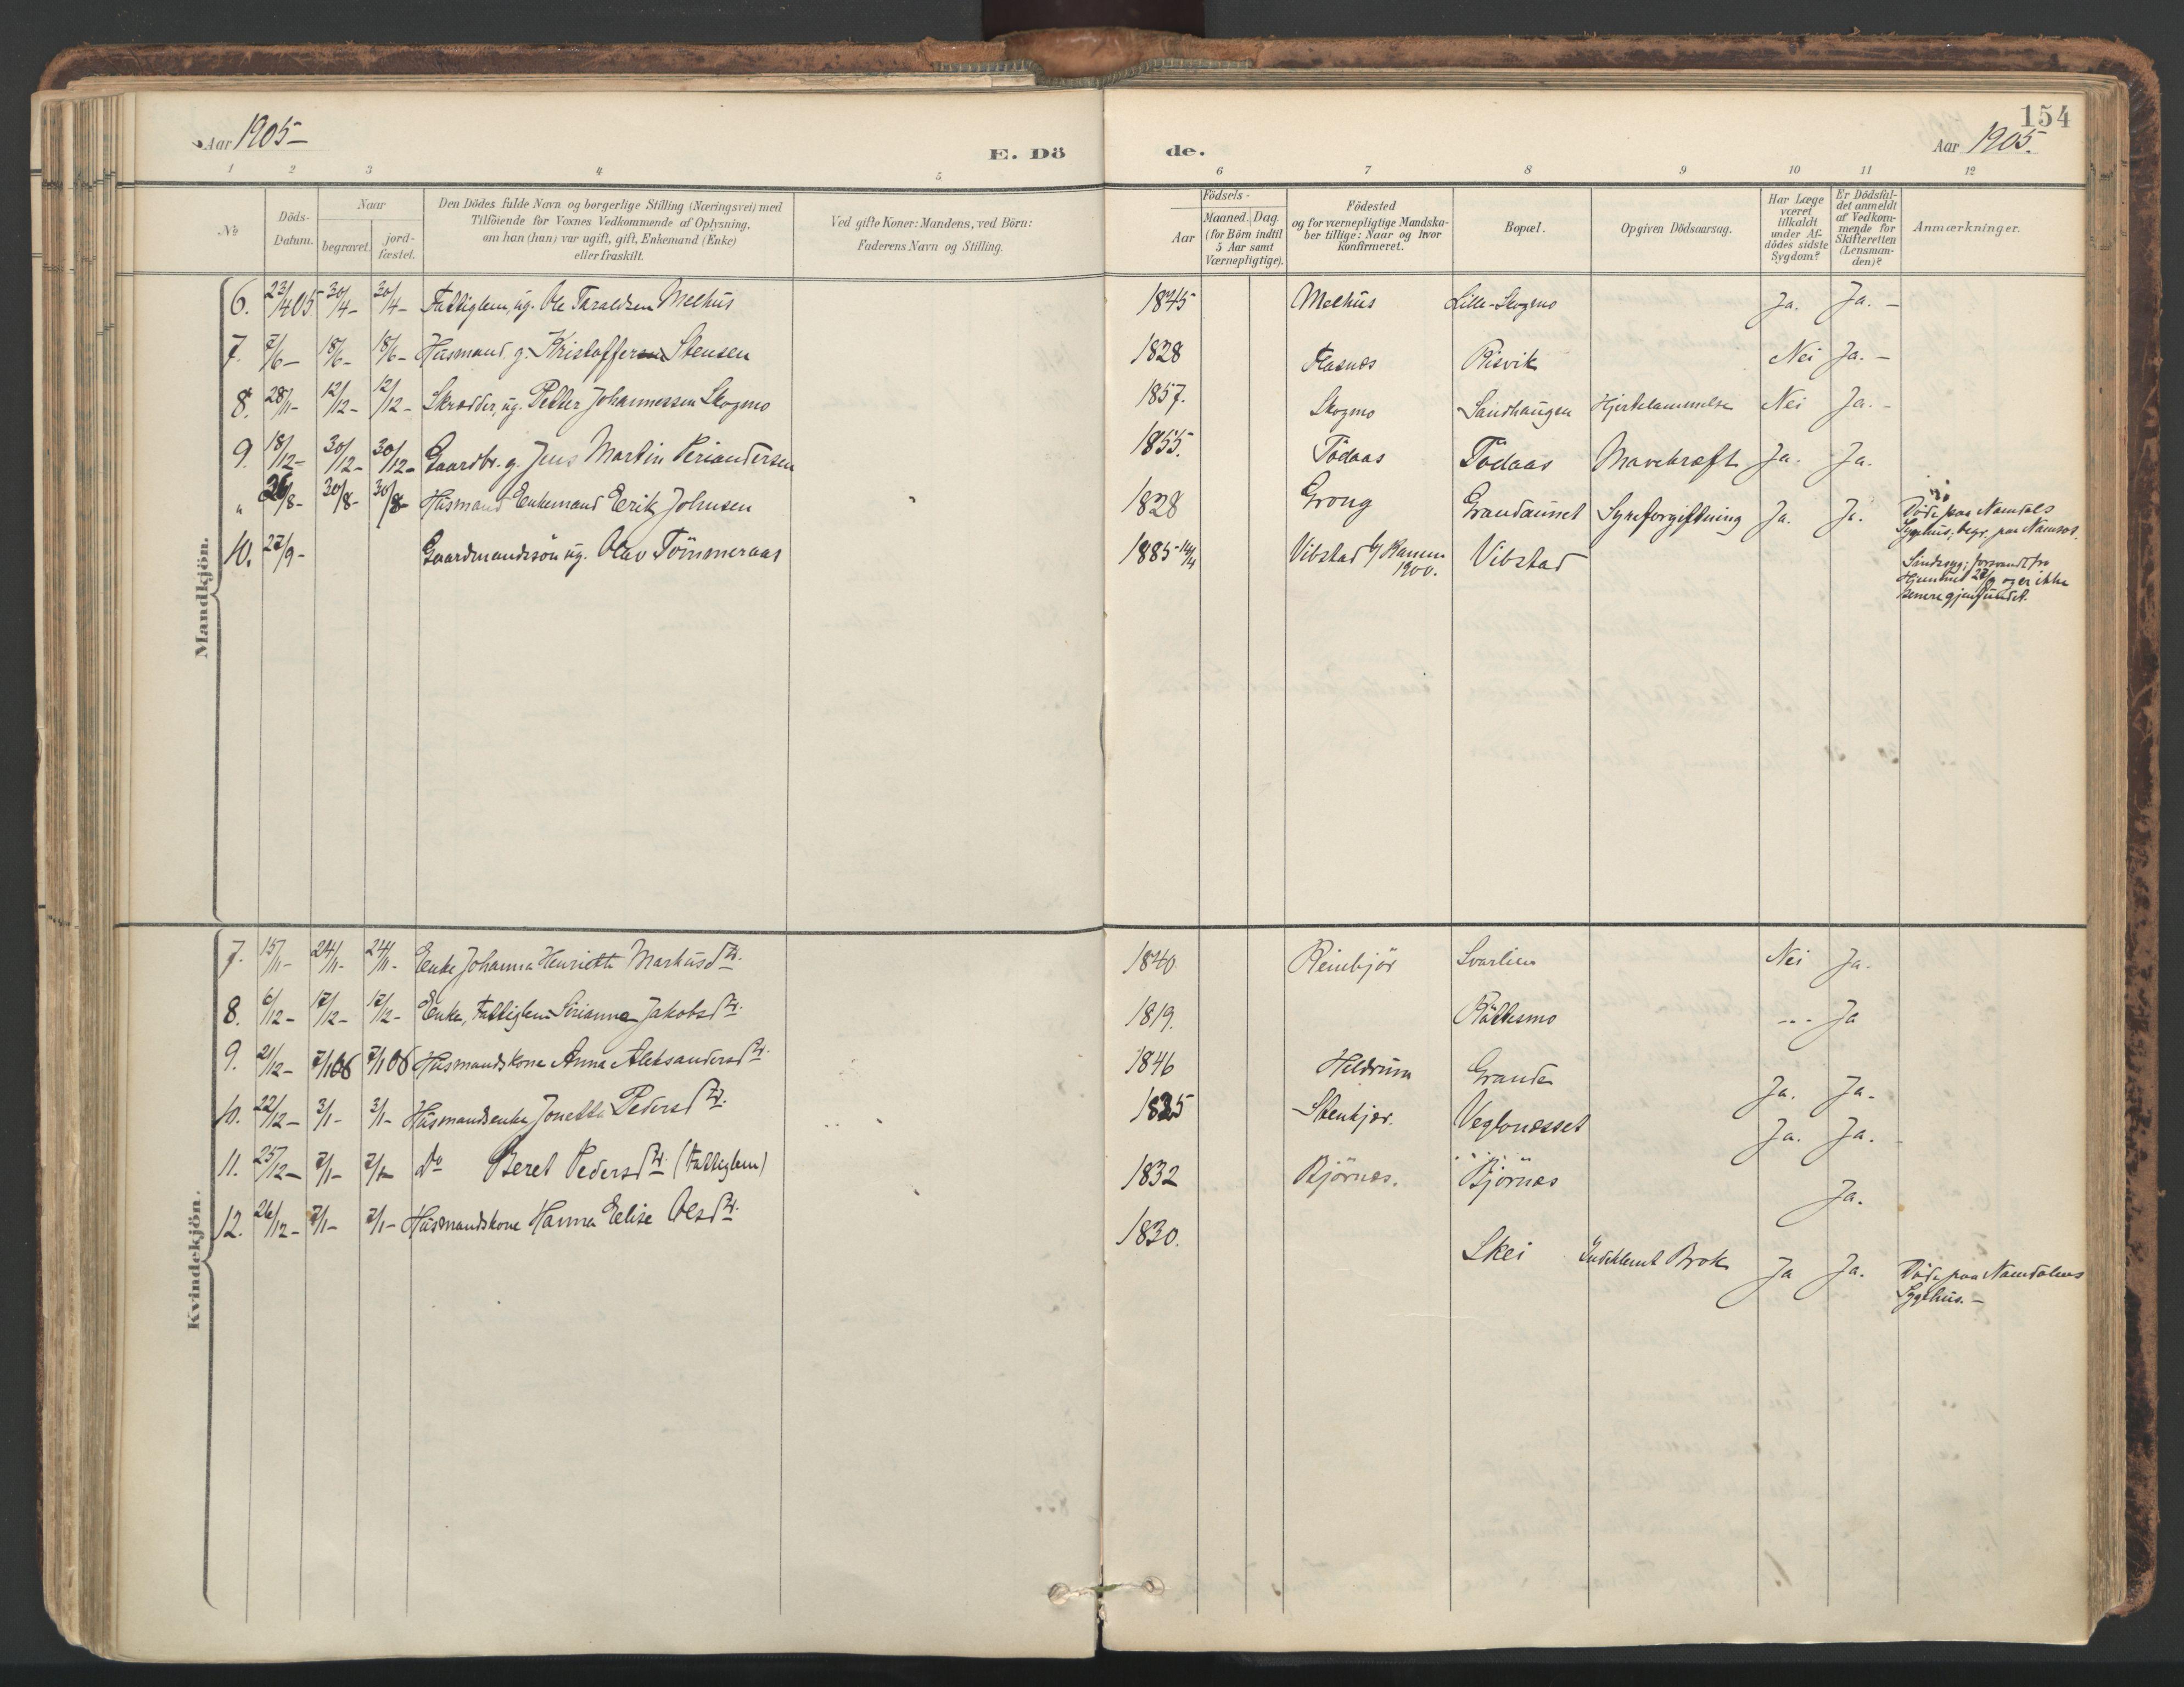 SAT, Ministerialprotokoller, klokkerbøker og fødselsregistre - Nord-Trøndelag, 764/L0556: Ministerialbok nr. 764A11, 1897-1924, s. 154